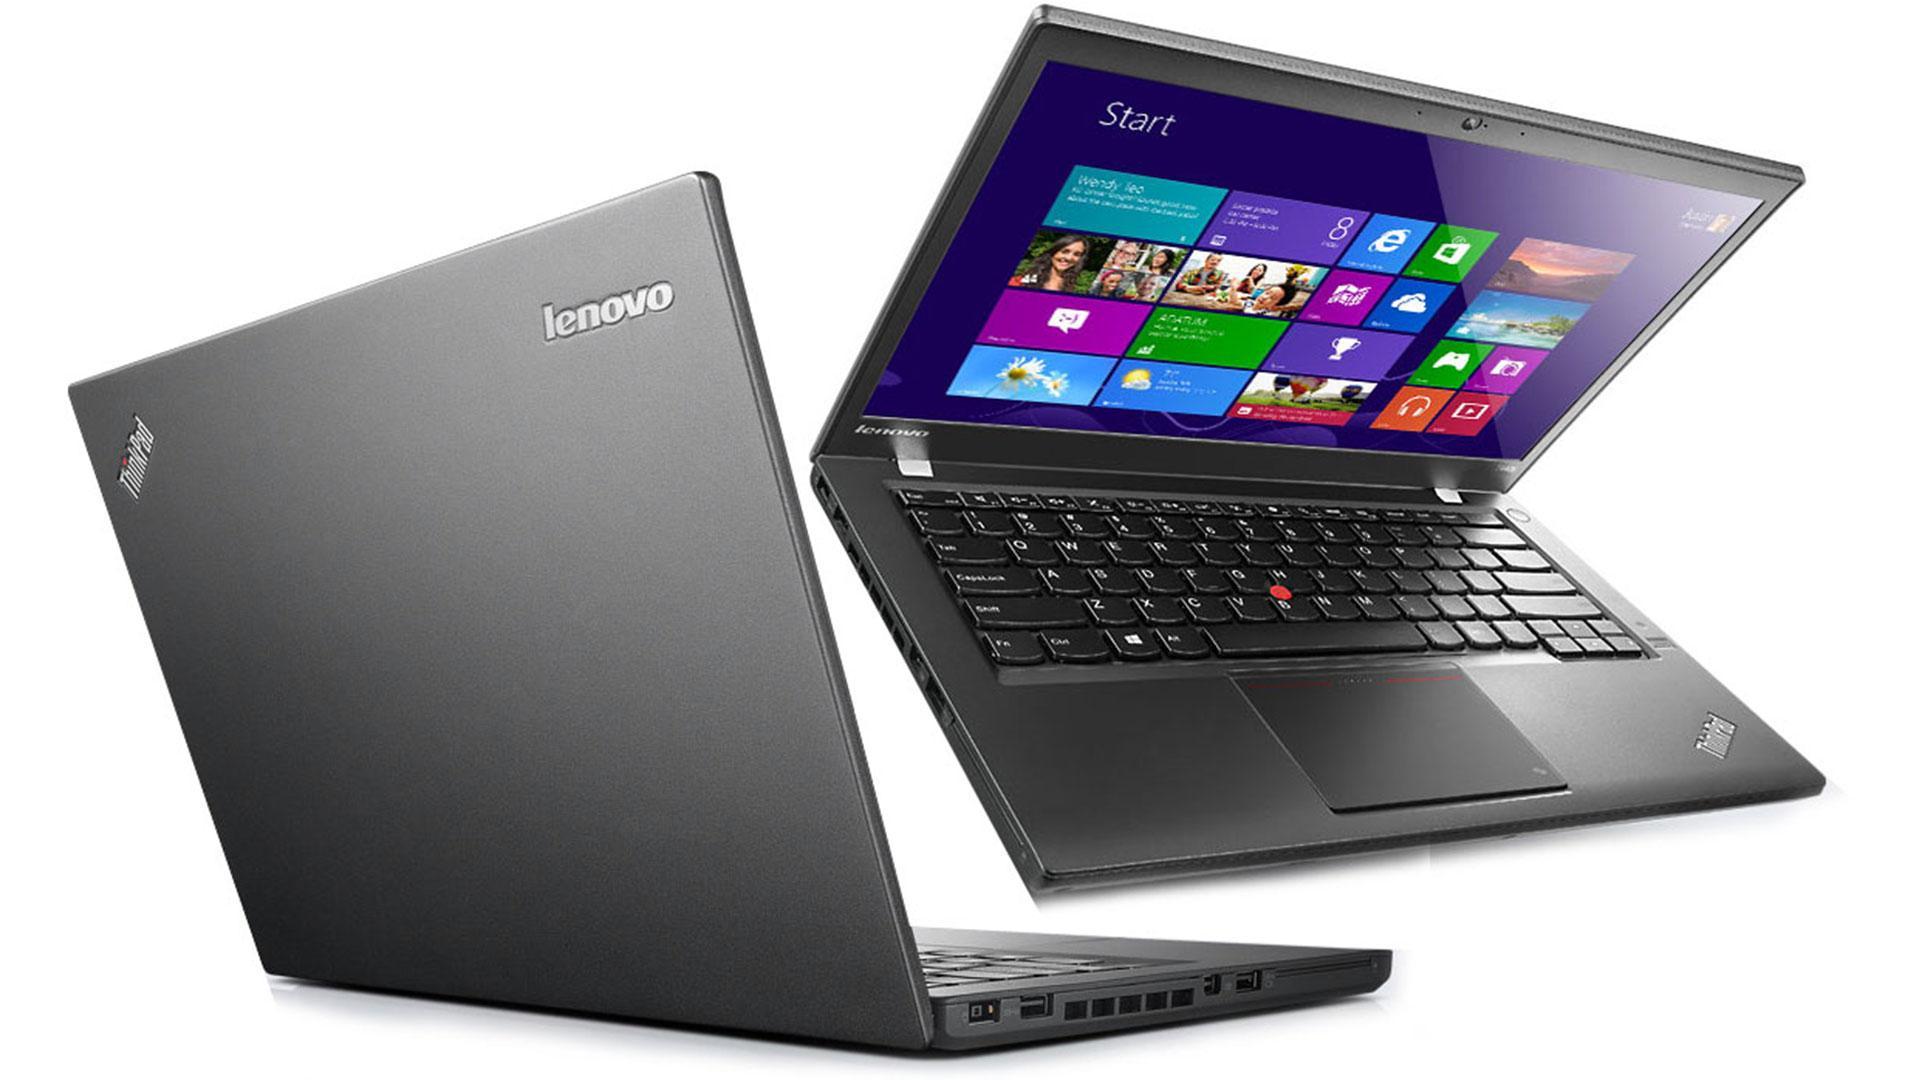 BRAND NEW Lenovo ThinkPad T440P | Qatar Living